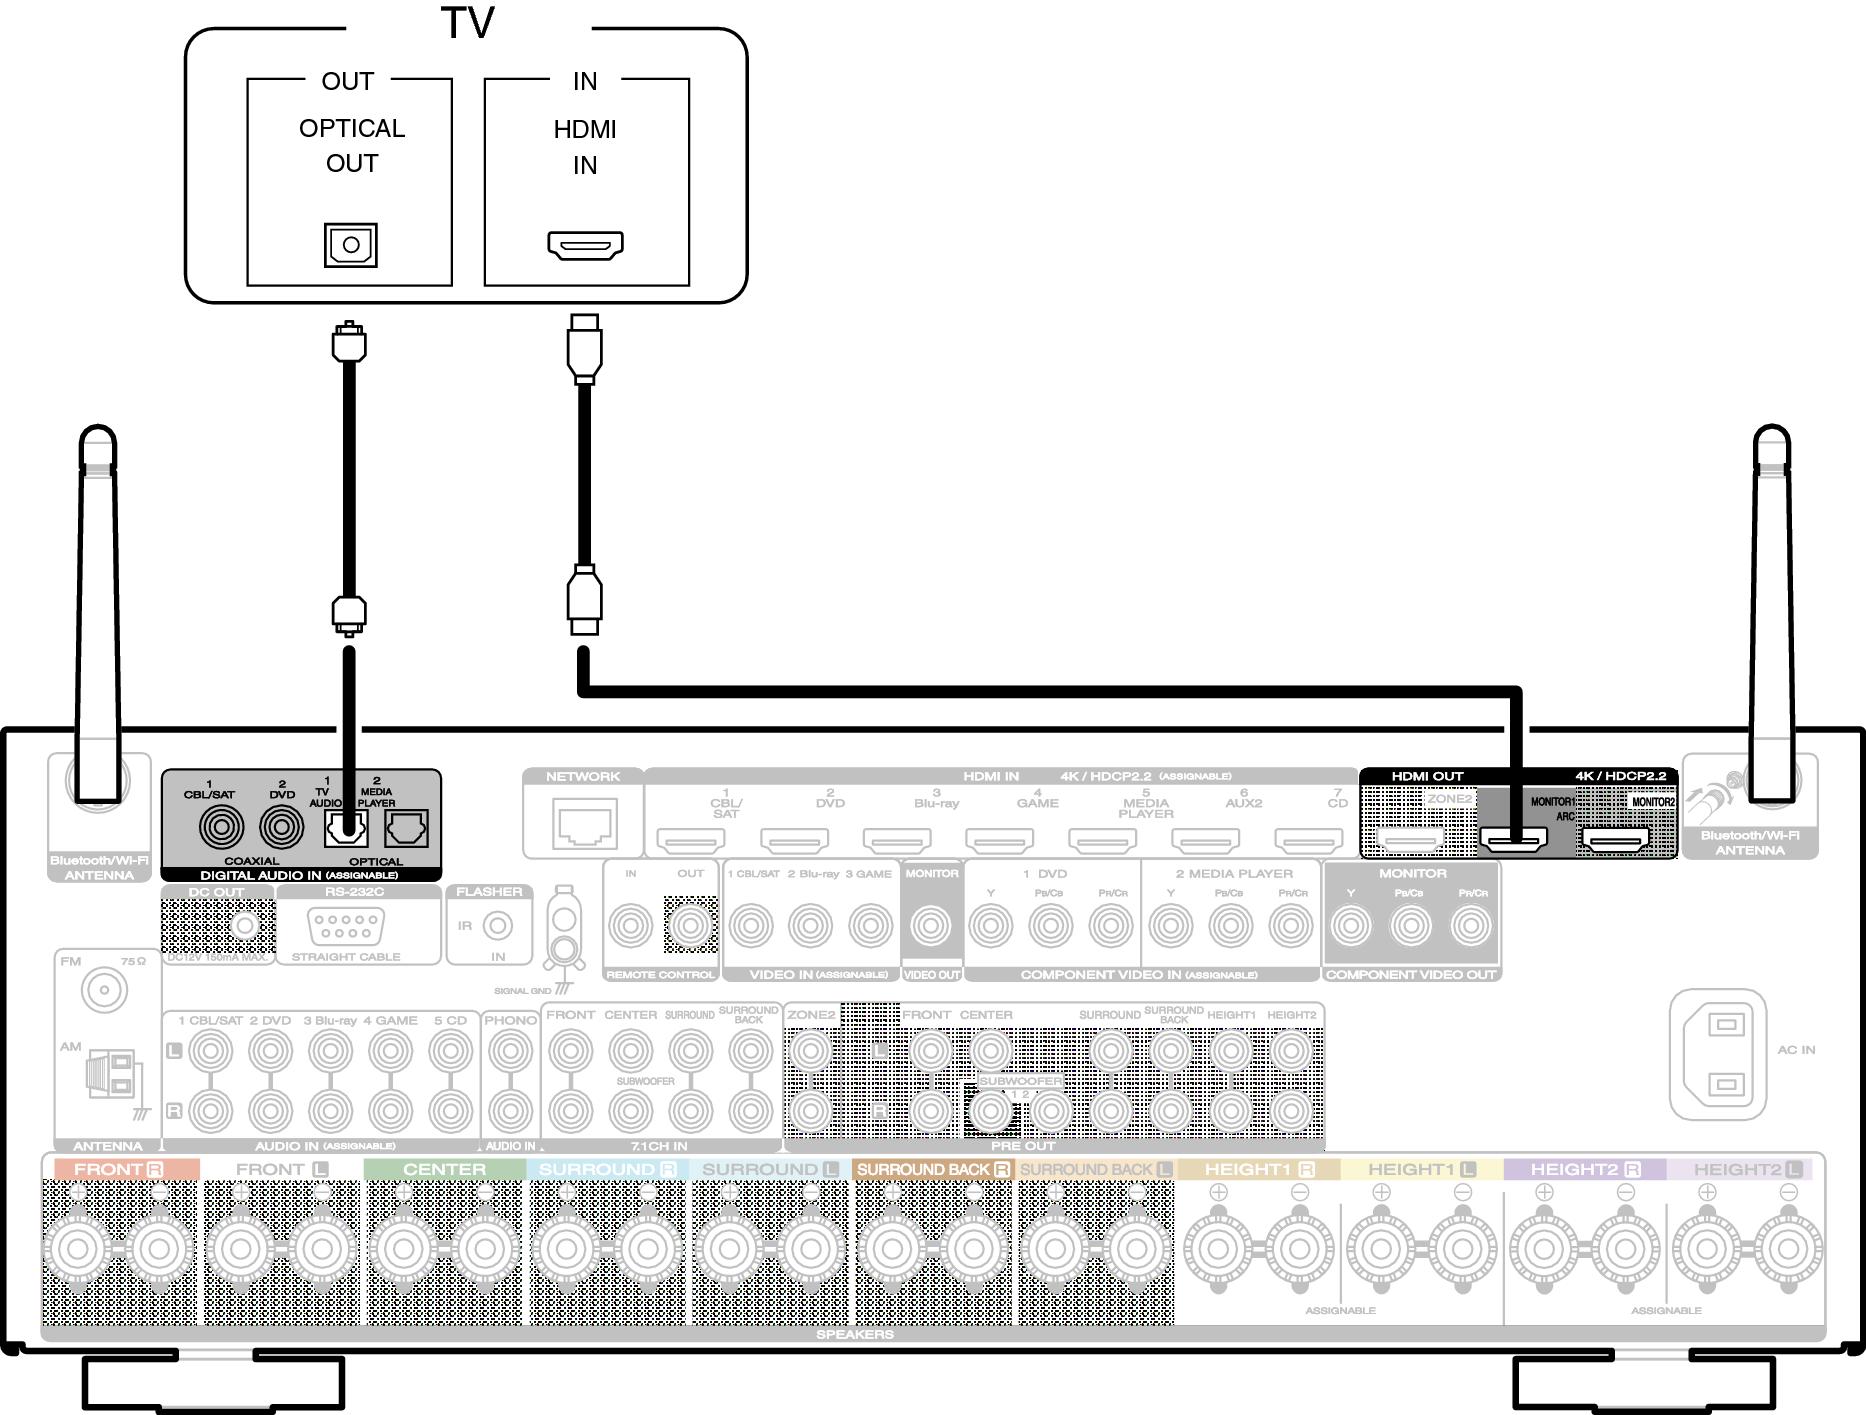 hdmi connector diagram